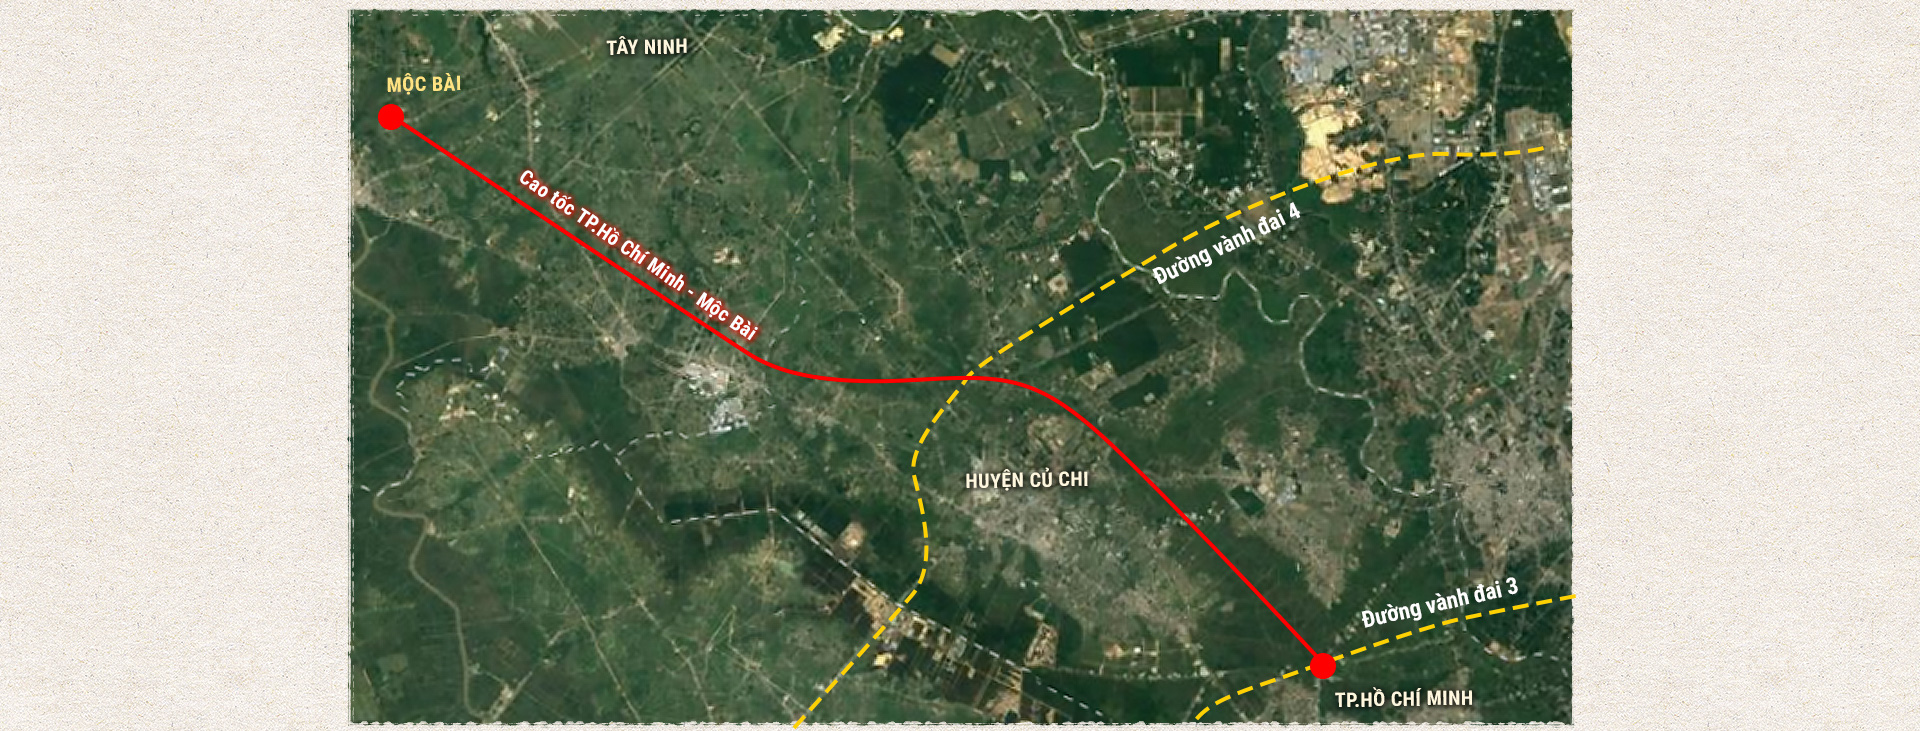 Kỳ 4: Các tuyến cao tốc phía Nam và TP.HCM kết nối các tỉnh phía Đông - Ảnh 3.